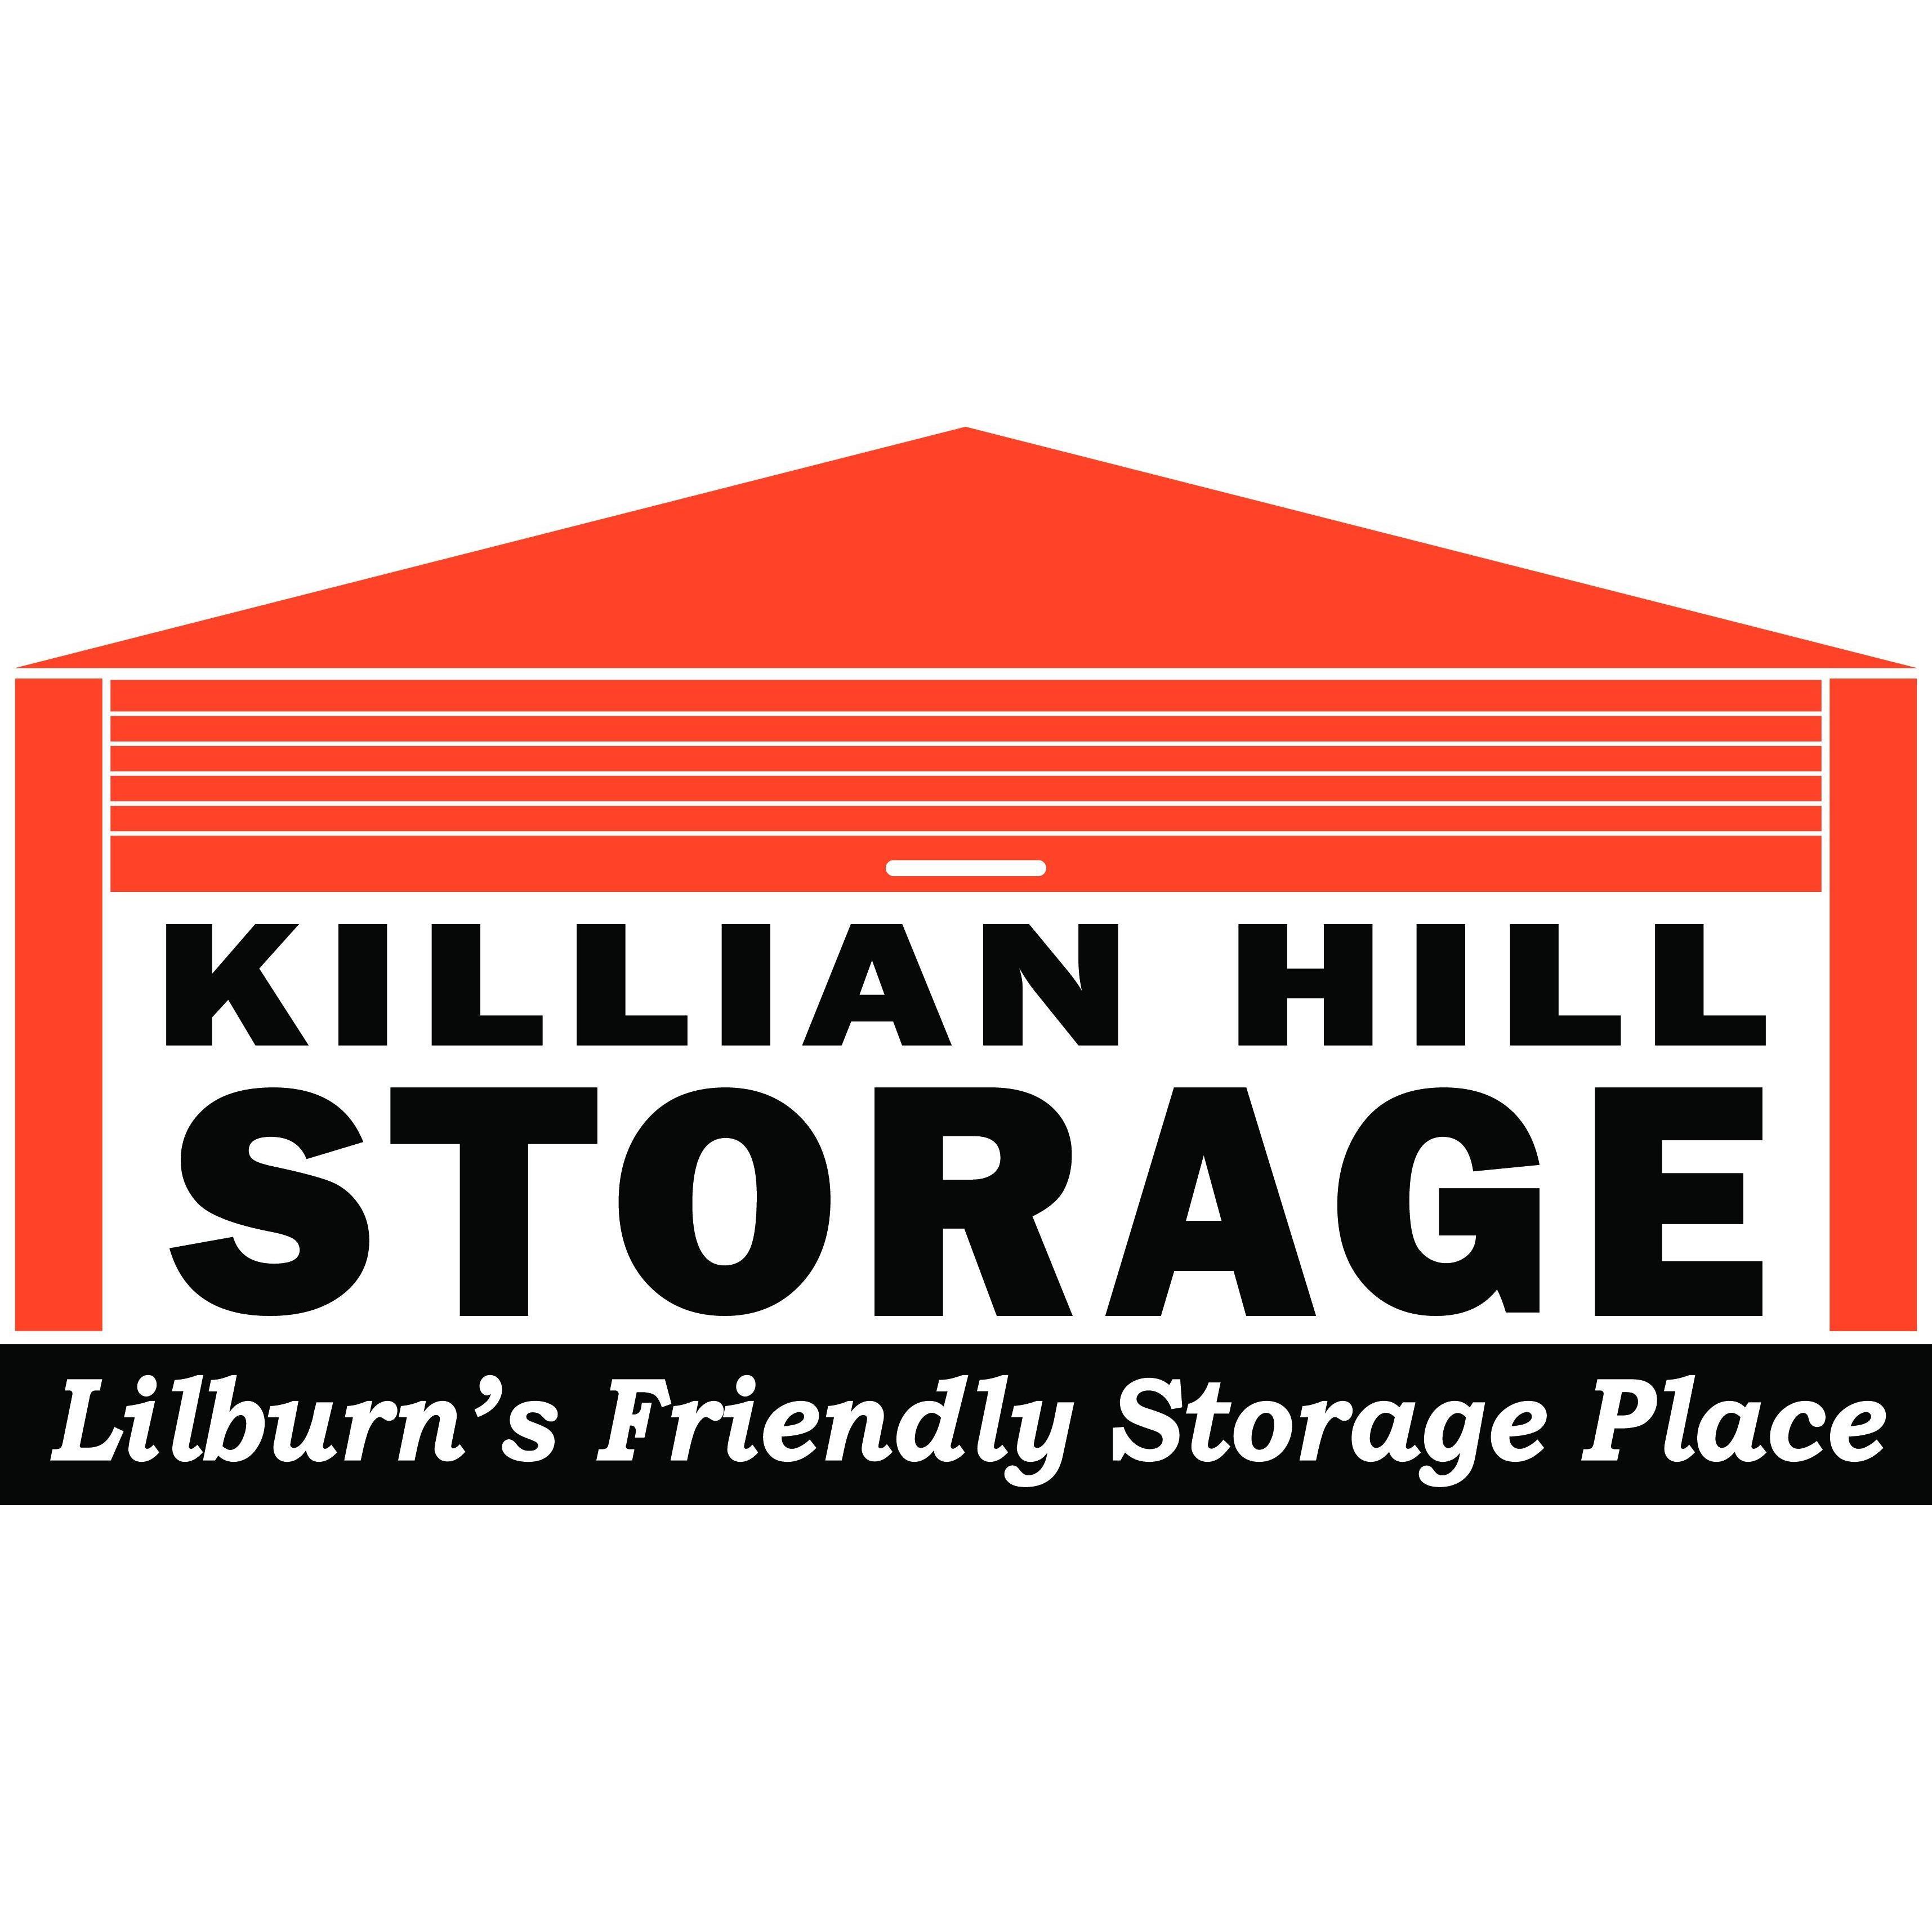 Killian Hill Storage - Lilburn, GA - Self-Storage